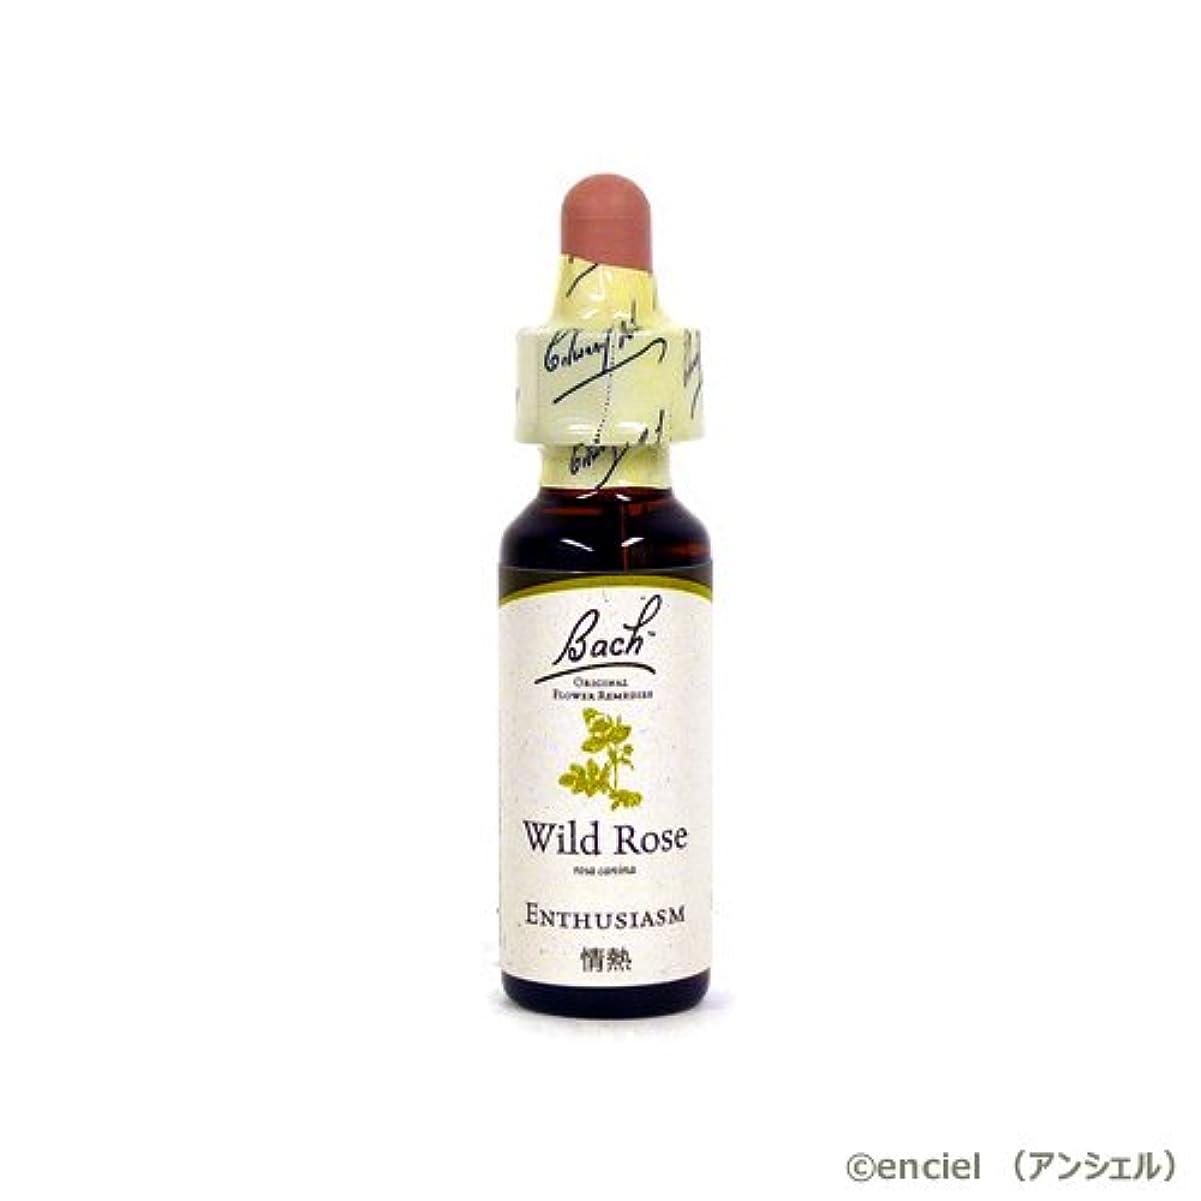 絶縁するハブフレッシュバッチフラワー レメディ ワイルドローズ 10ml グリセリンタイプ 日本国内正規品